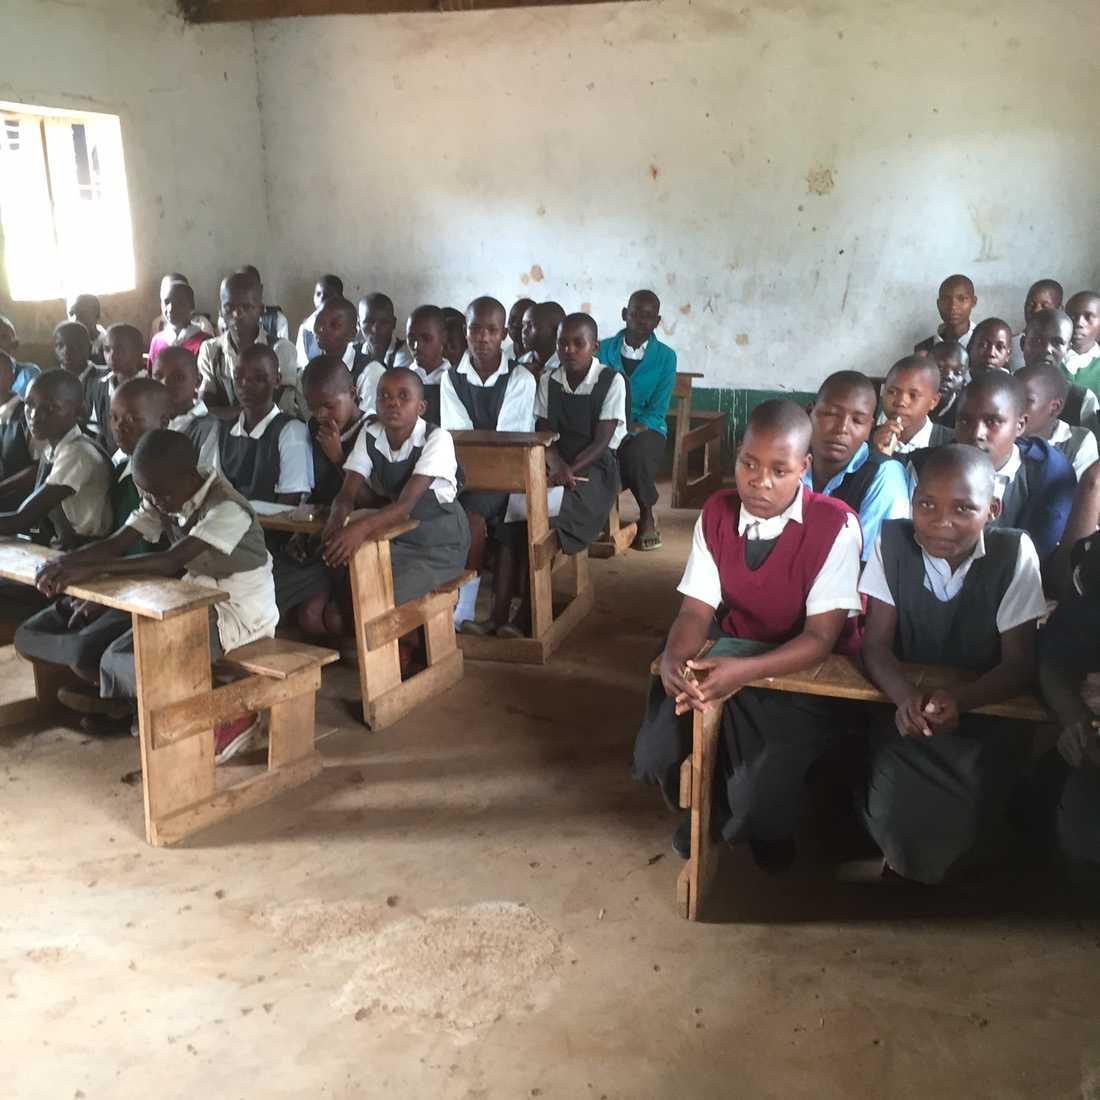 Gunilla har undervisat både flickor och pojkar om lidandet med könsstympning. Här hos Kuriafolket i Kenya.